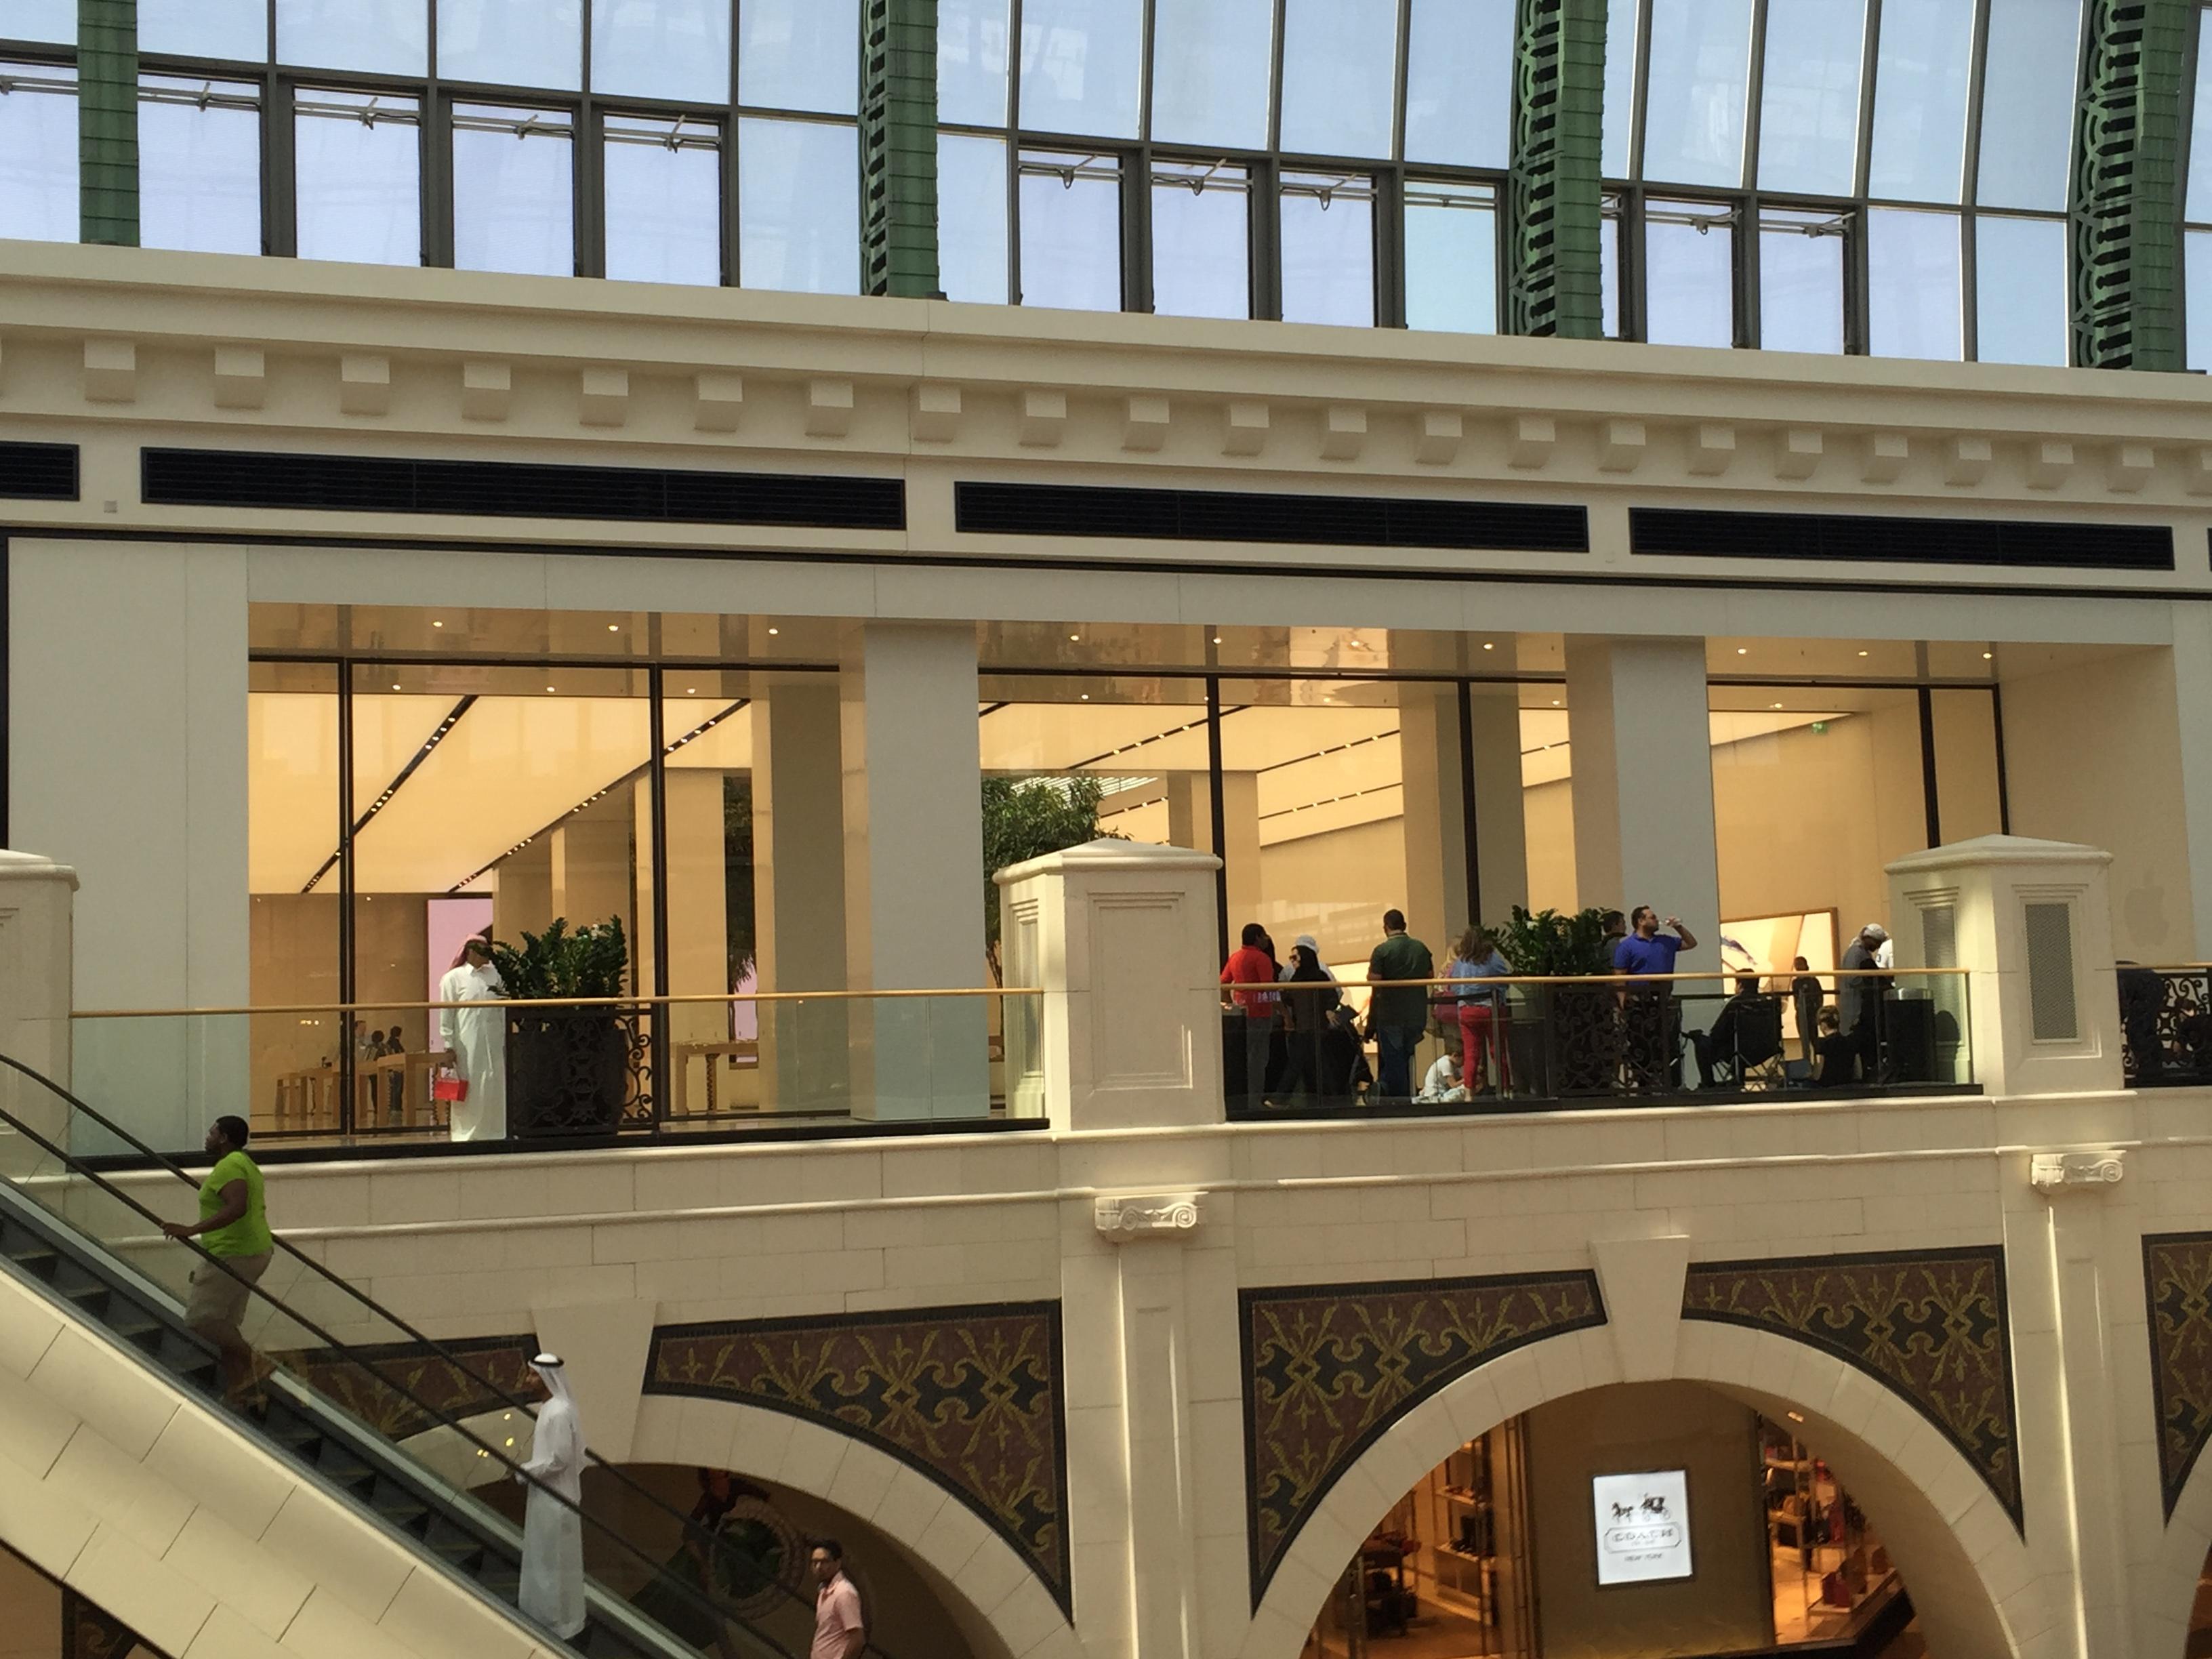 Apple Store Dubai Abu Dhabi cel mai mare din lume 3